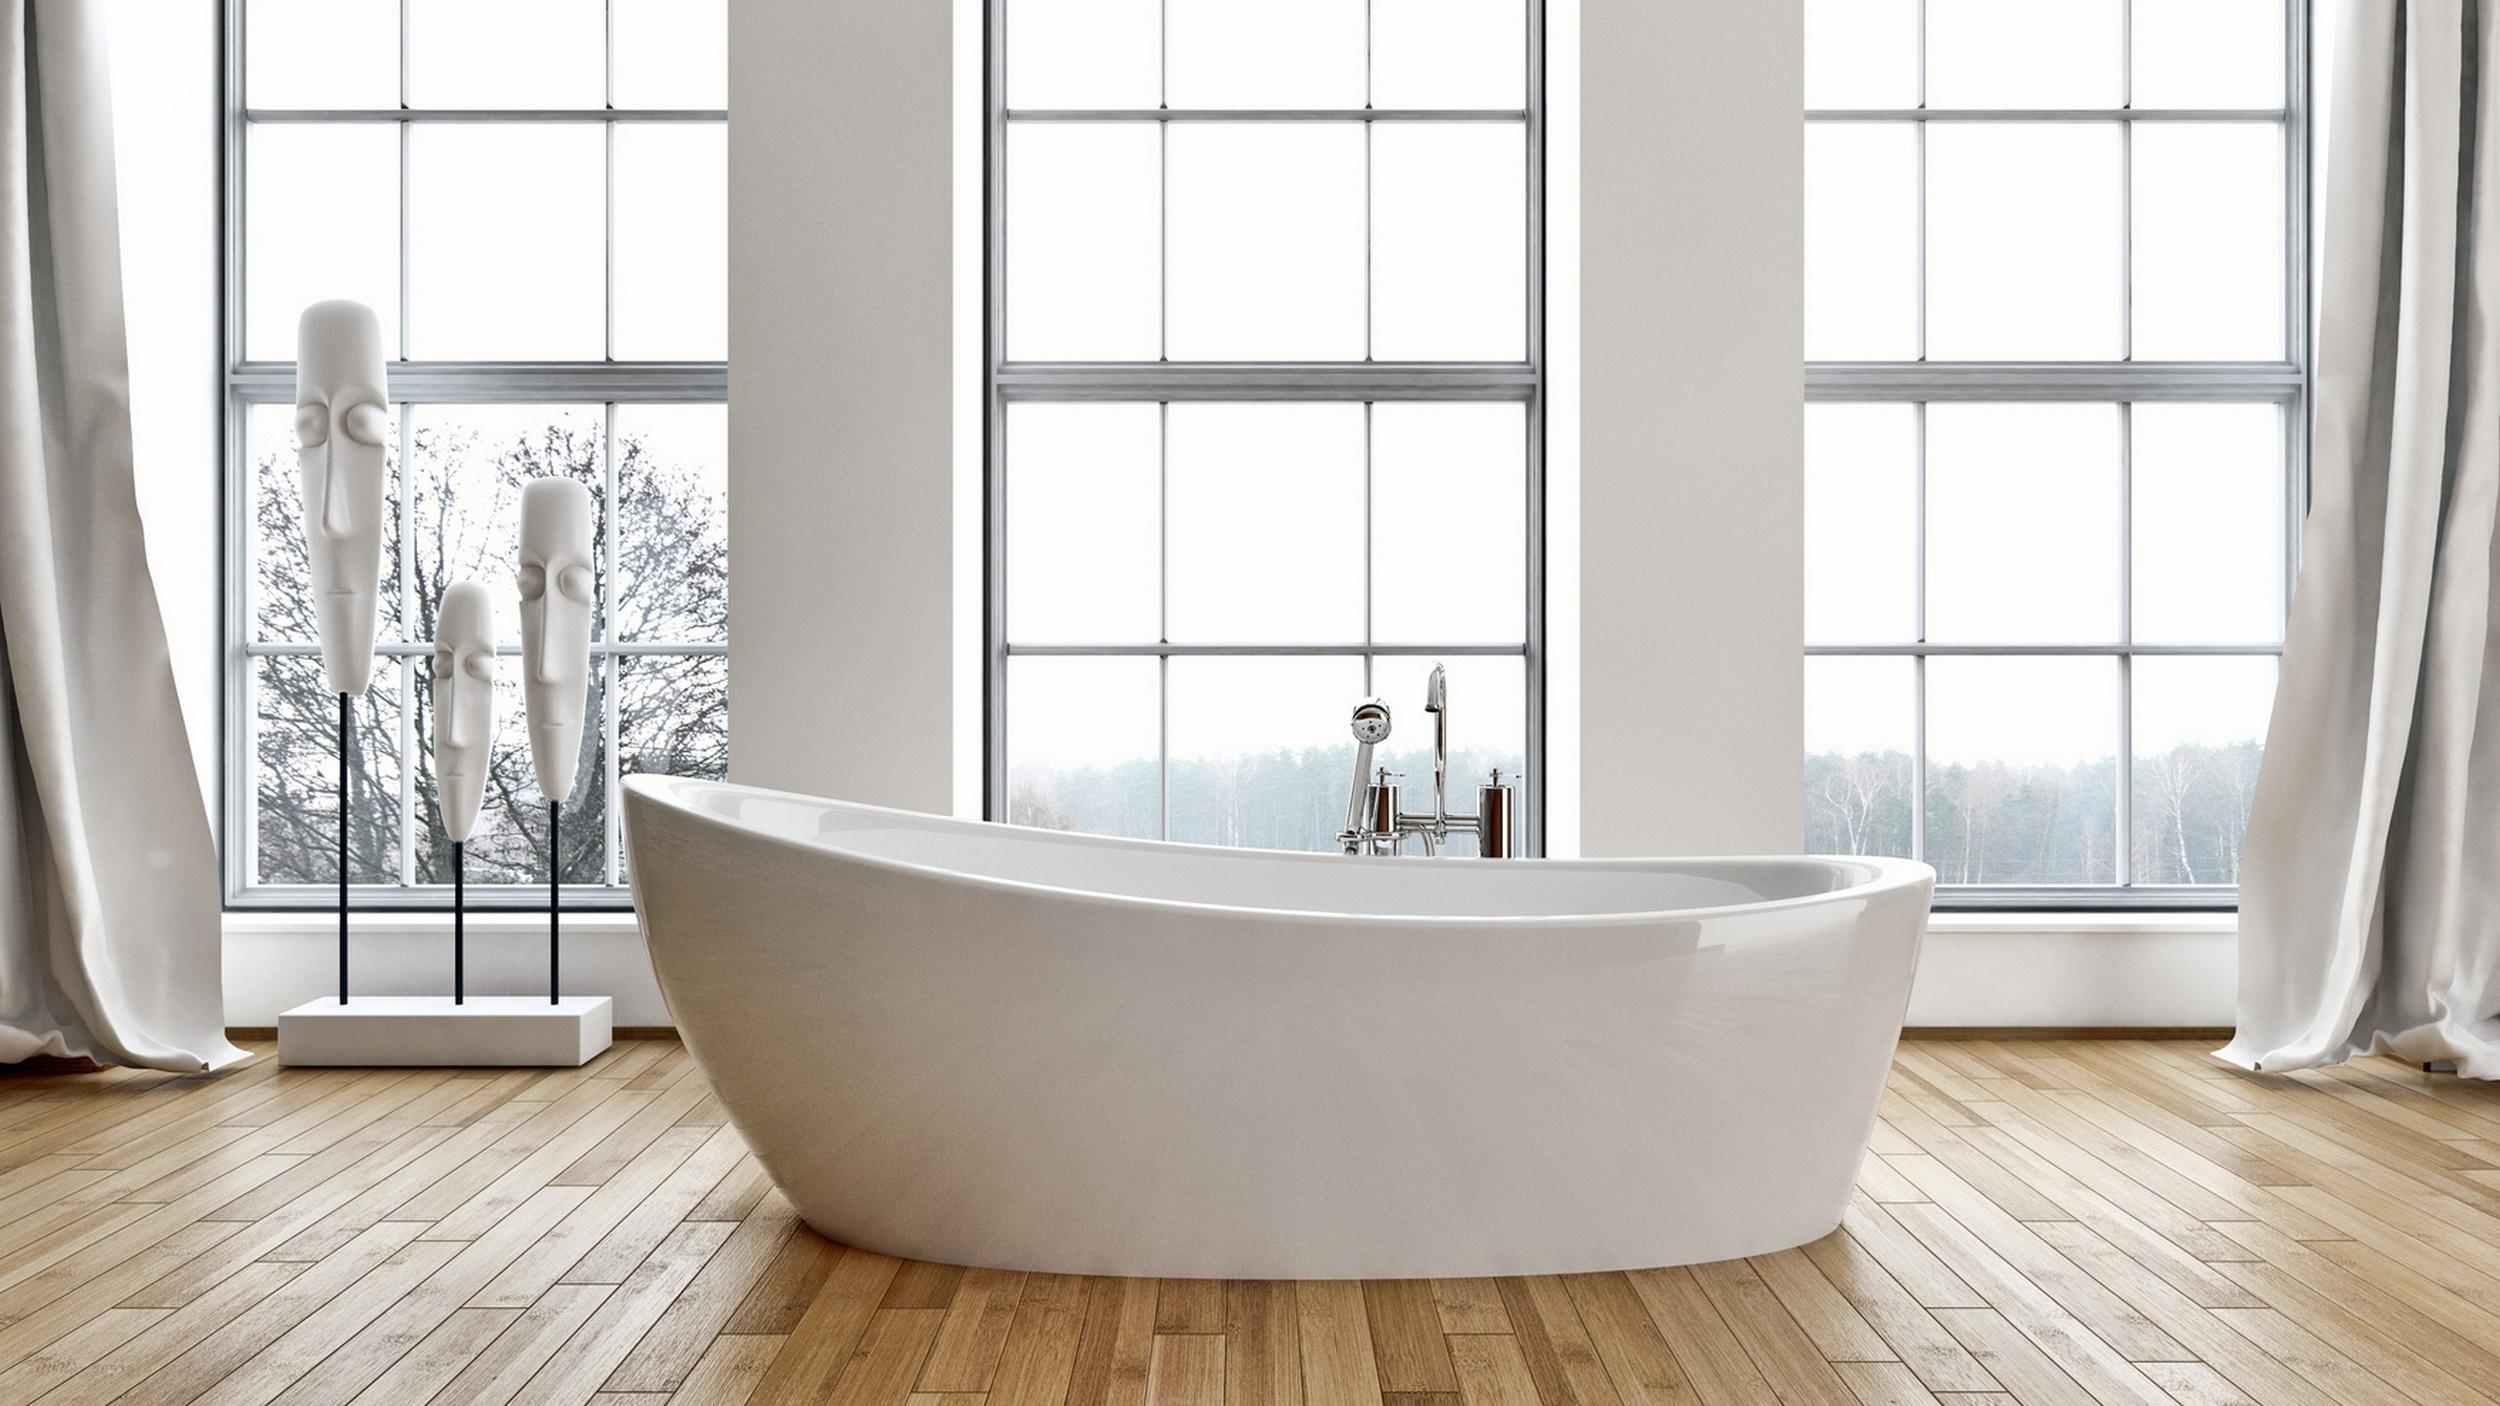 zitrone hausmittel gegen flecken in der badewanne und im. Black Bedroom Furniture Sets. Home Design Ideas